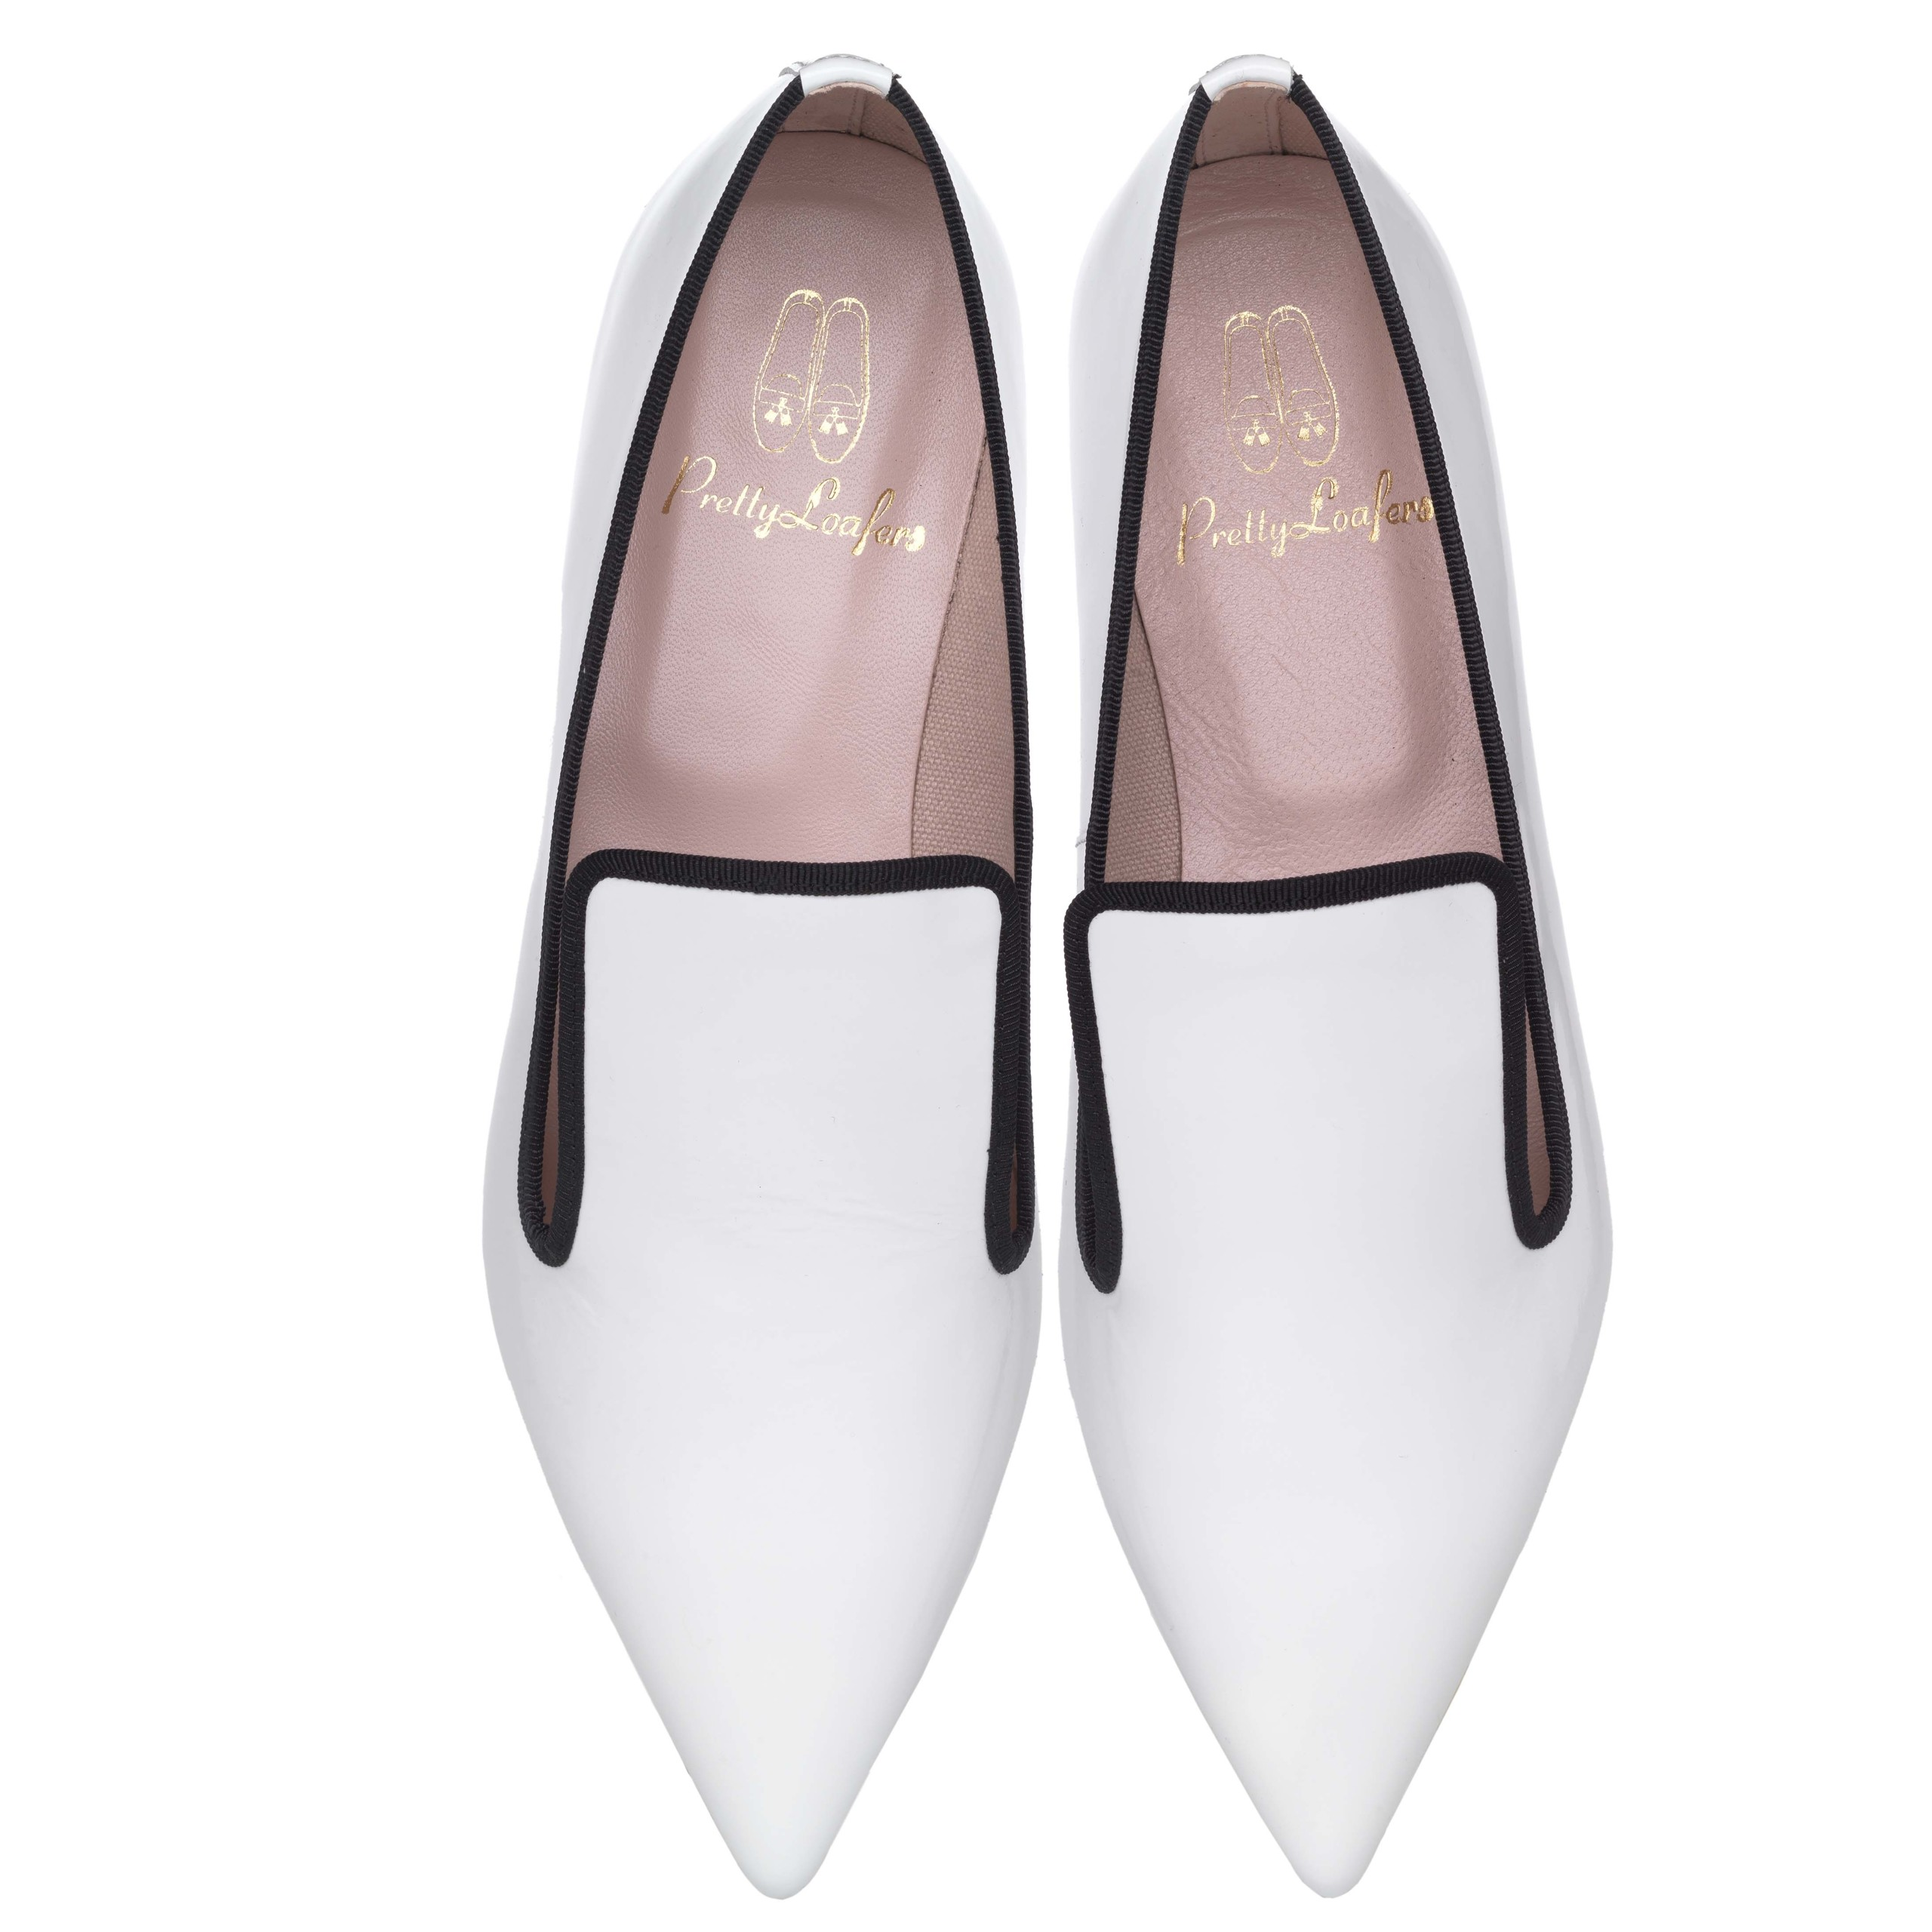 Foto de Pretty Loafers, las slippers necesarias para las incondicionales del calzado plano (8/20)